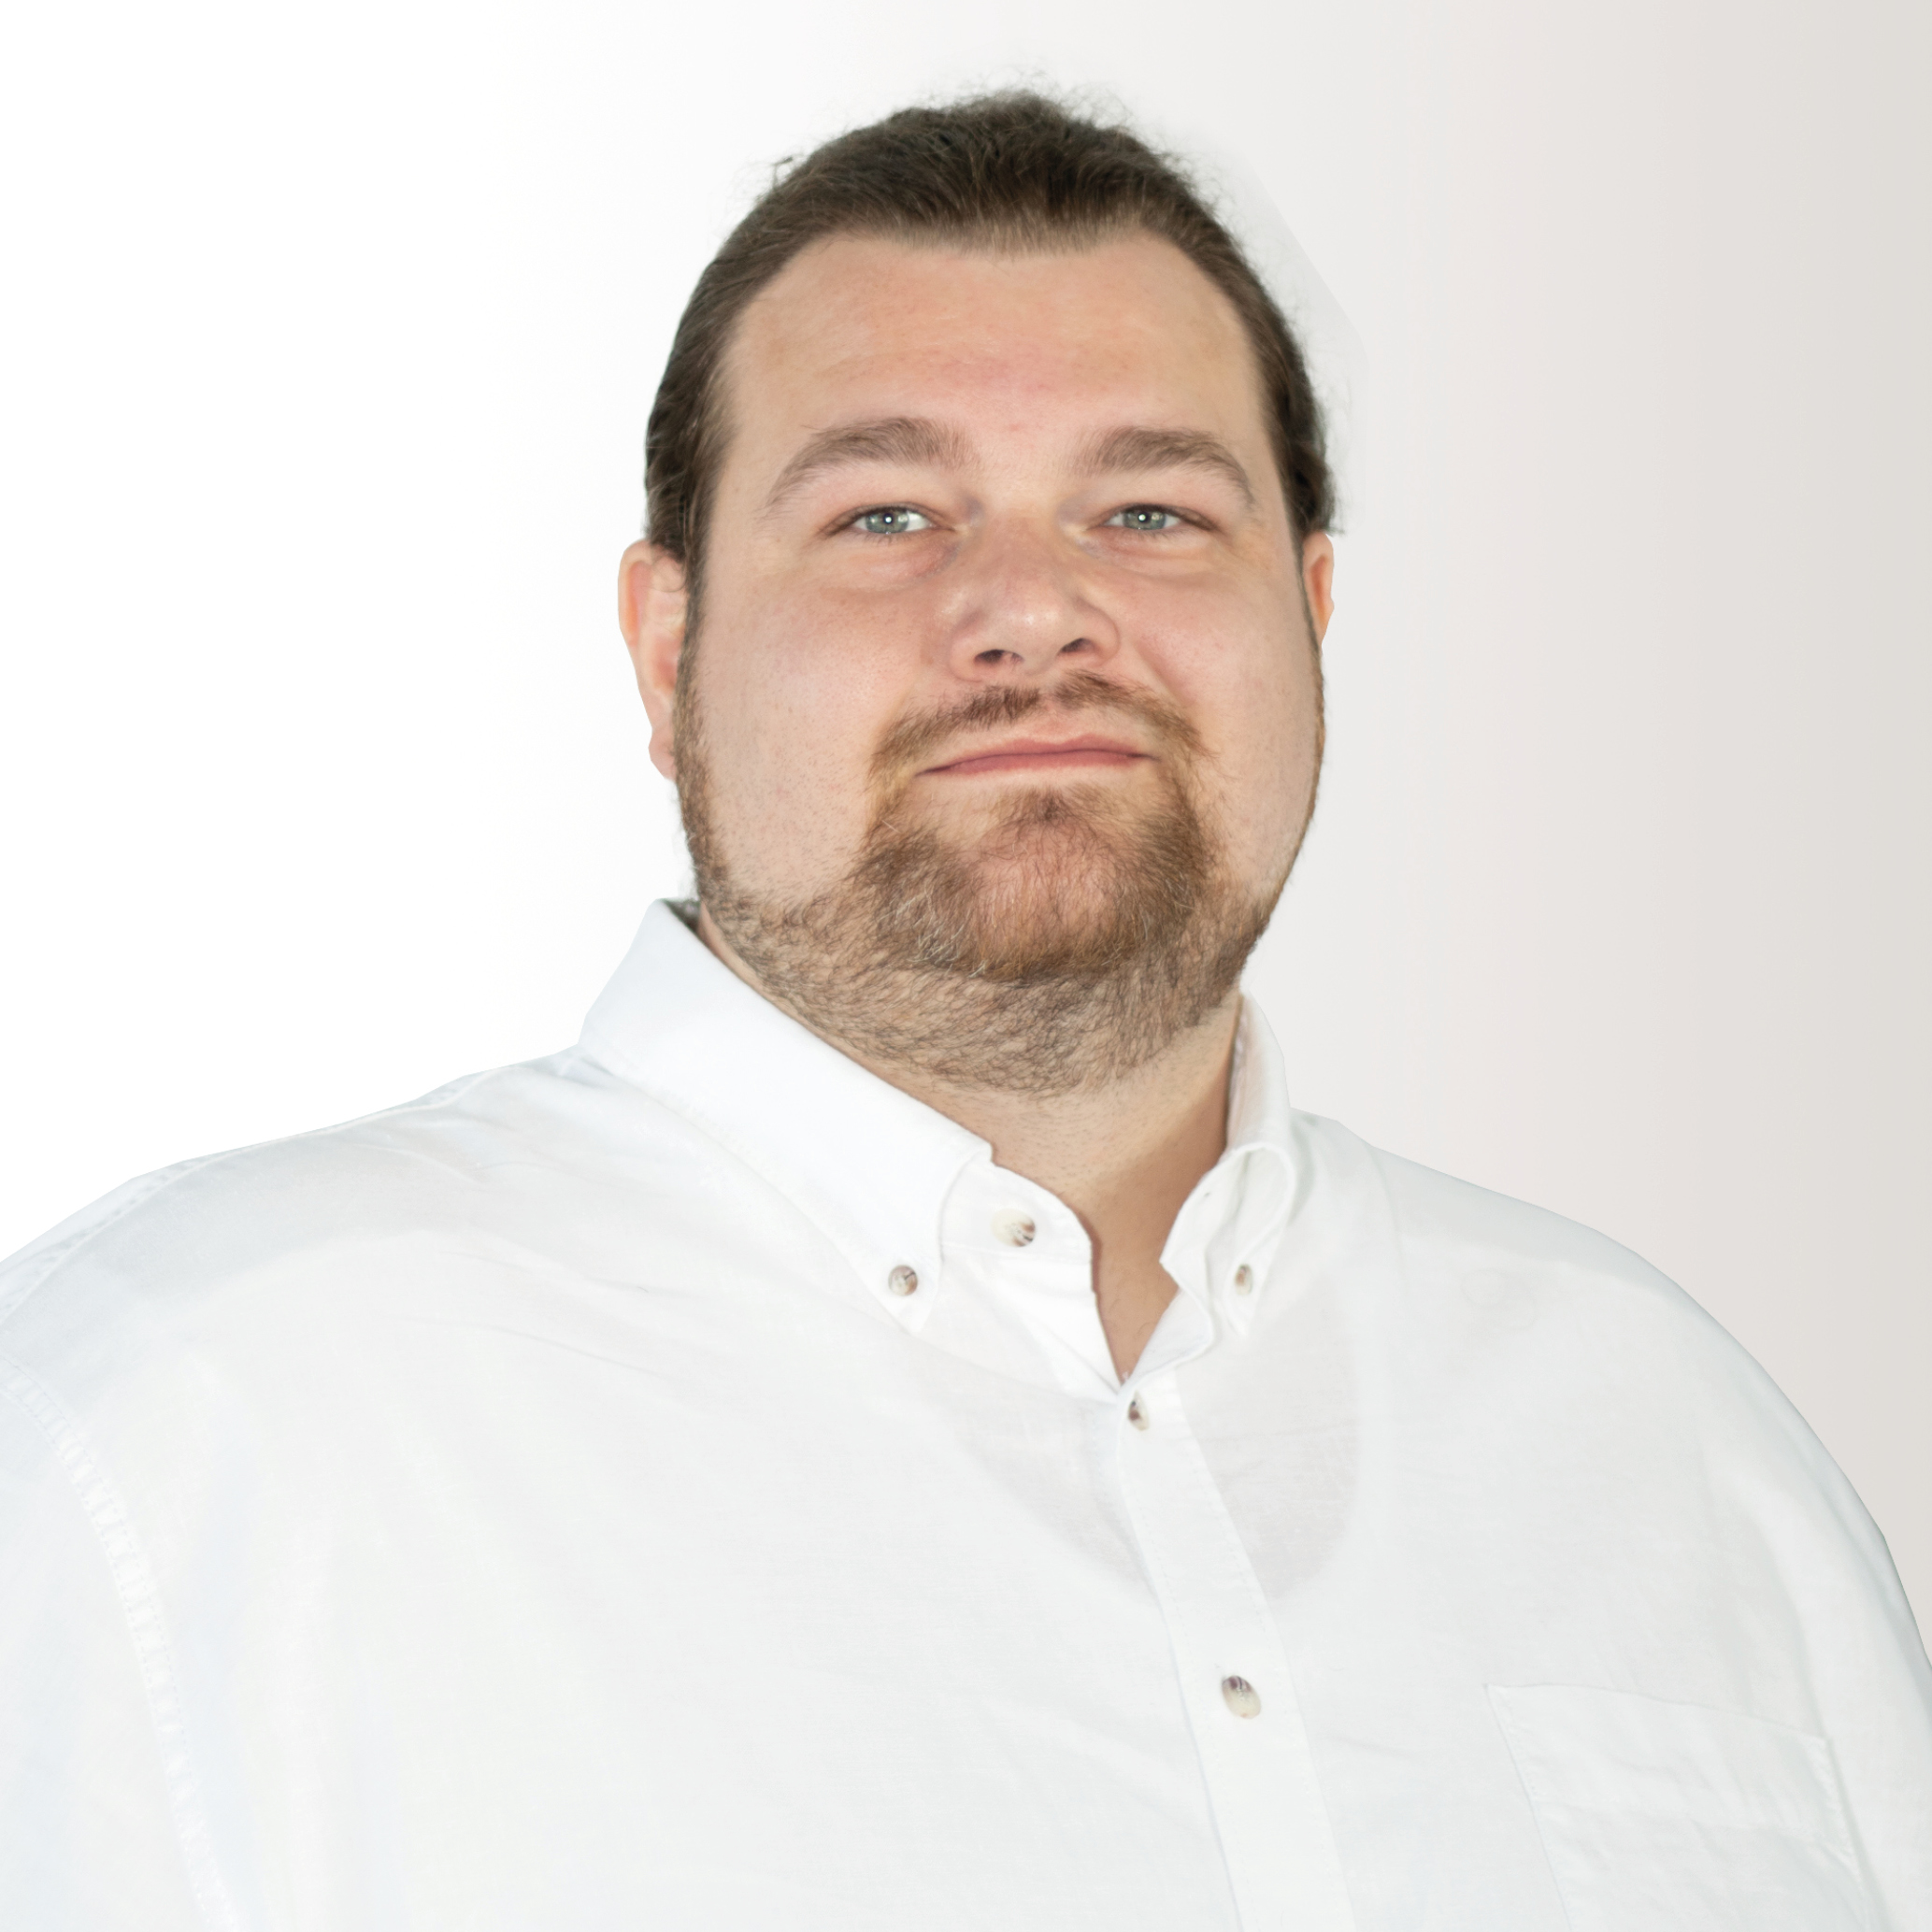 Frank Wellstein